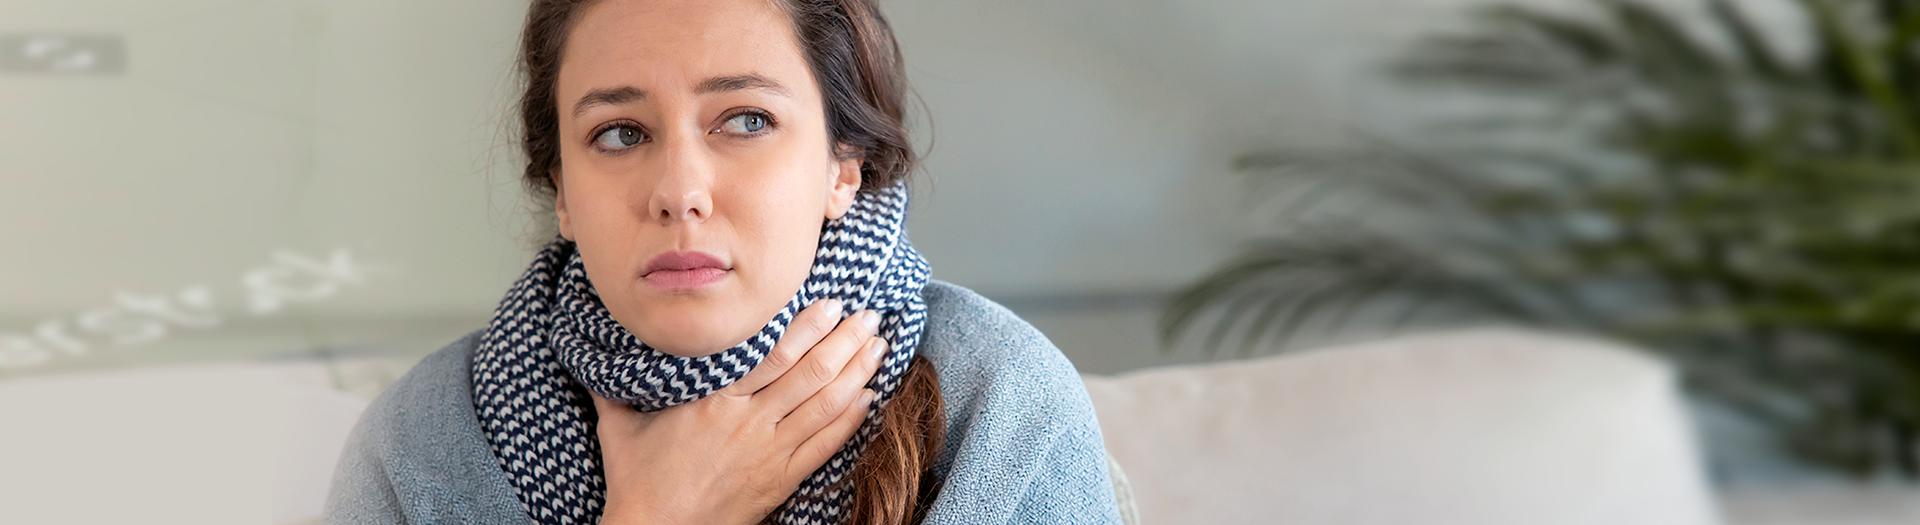 Pierwsza pomoc wprzypadku bólu gardła